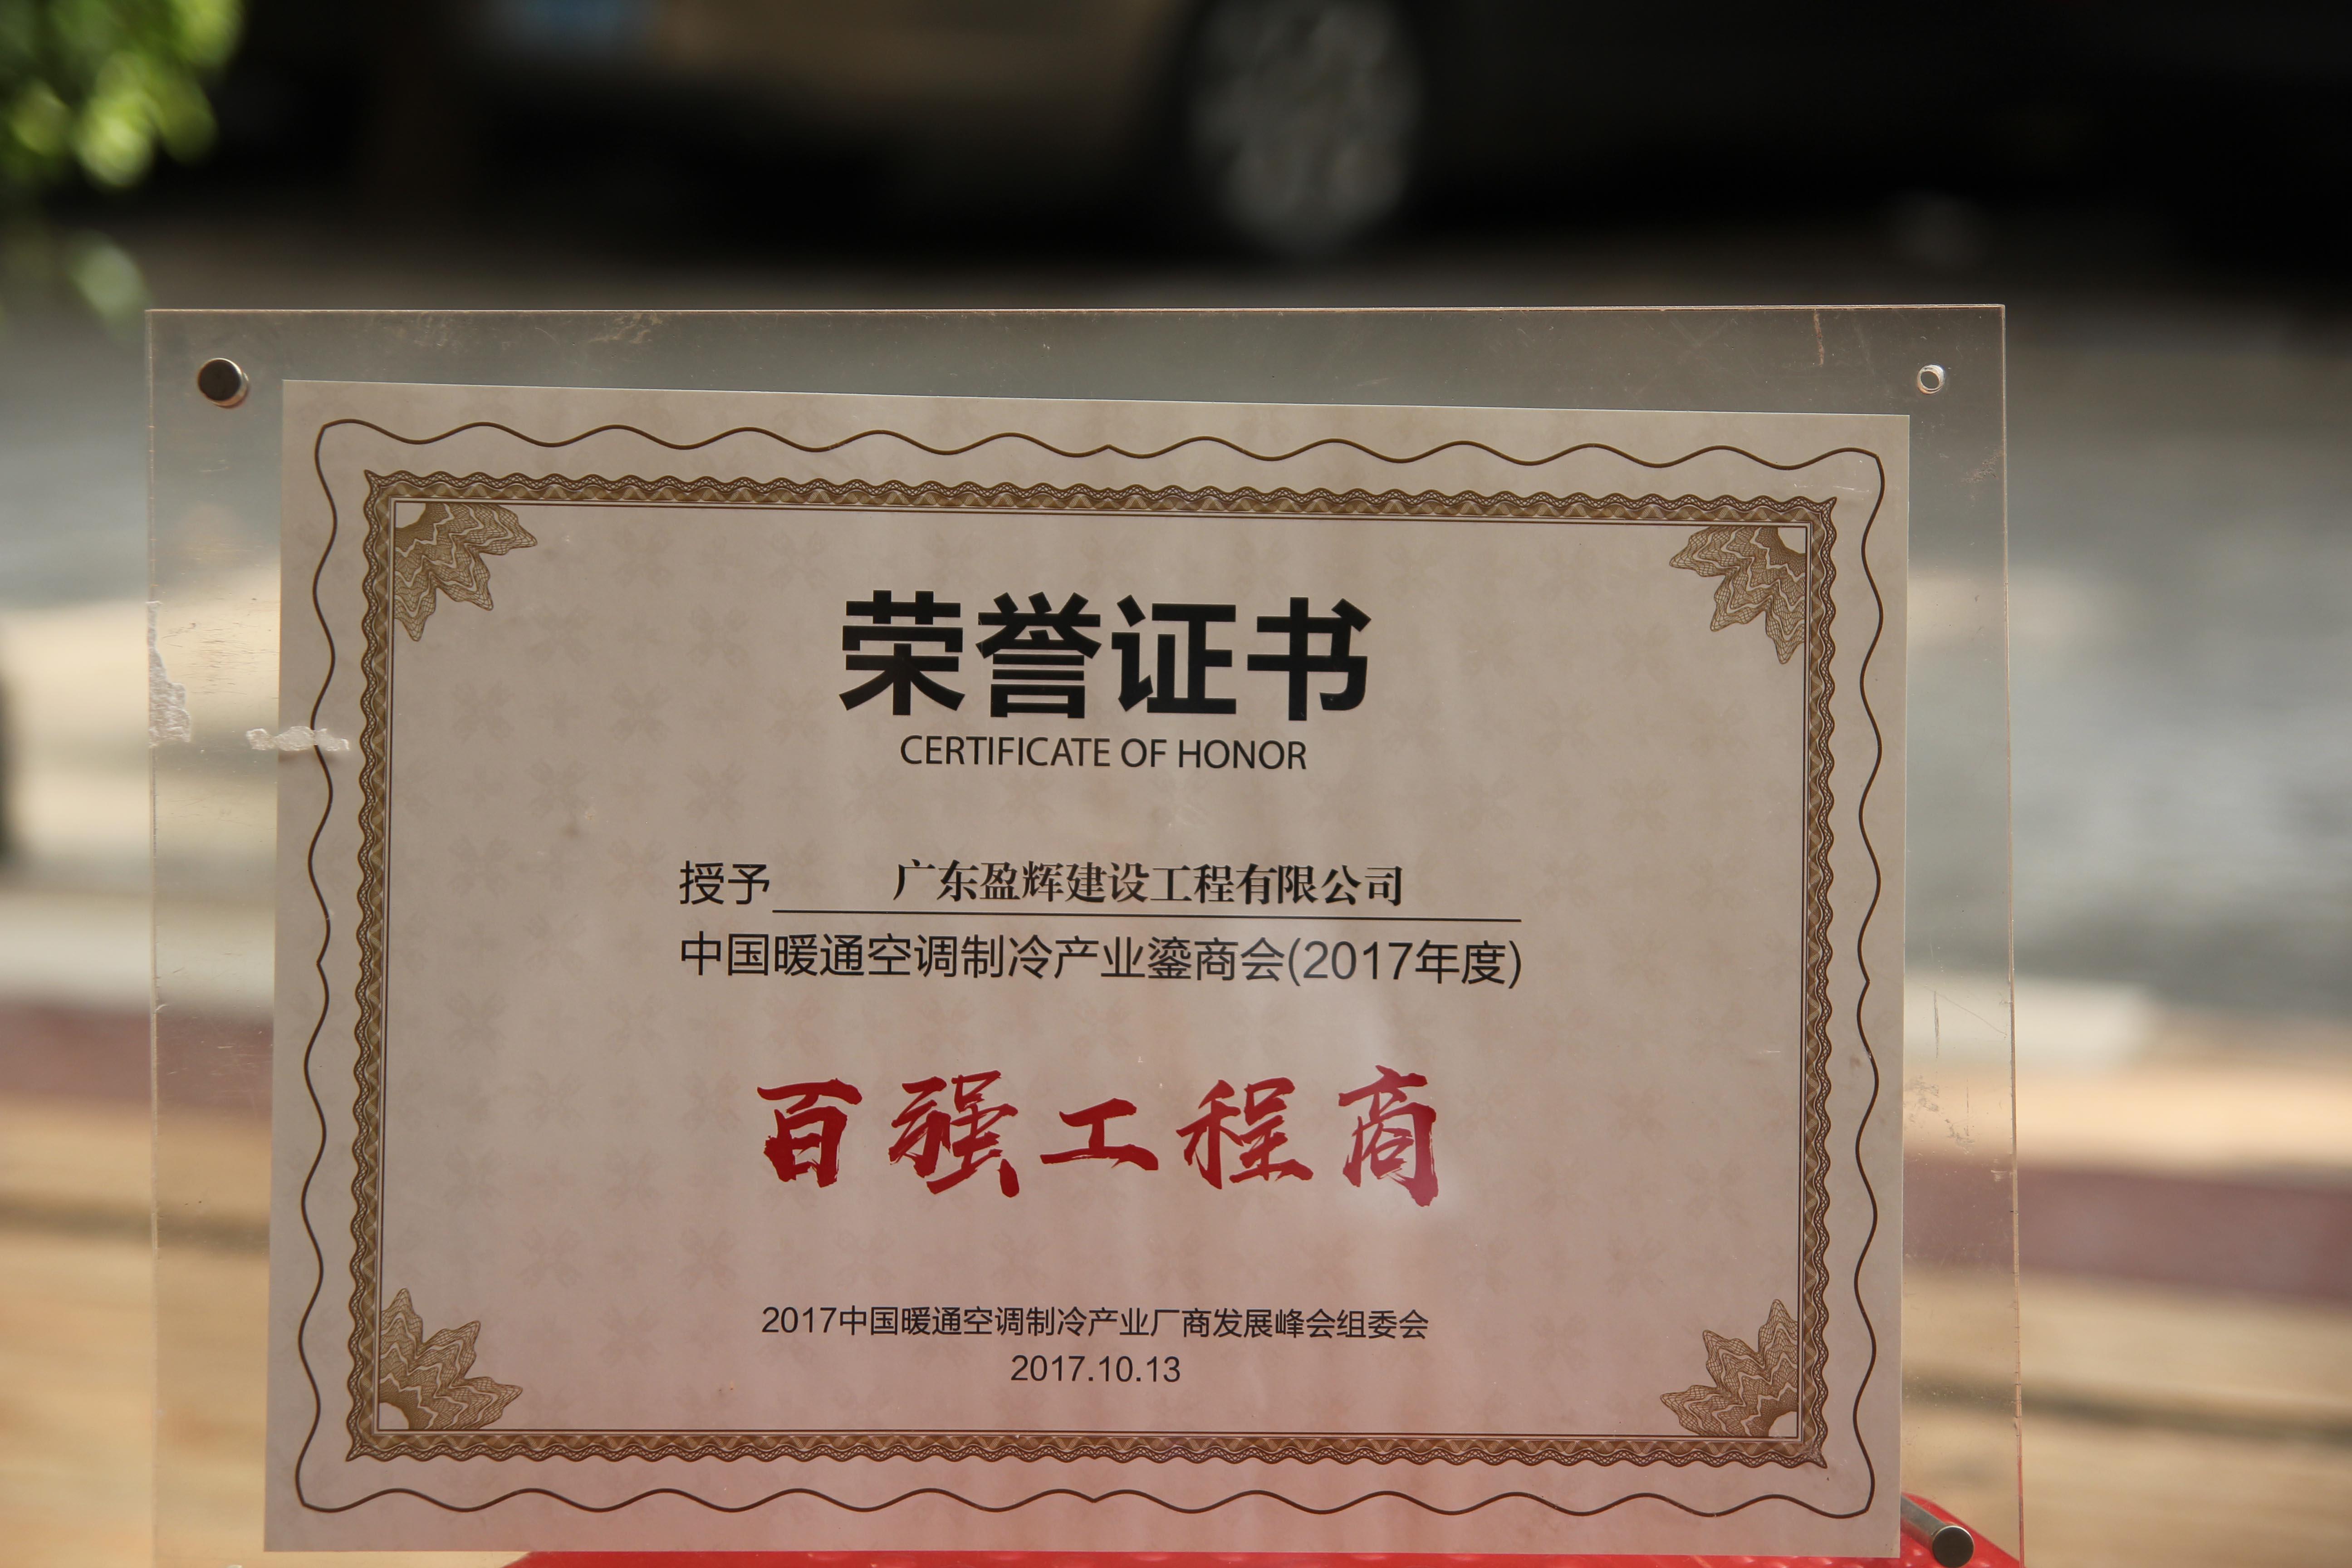 2017百强工程商